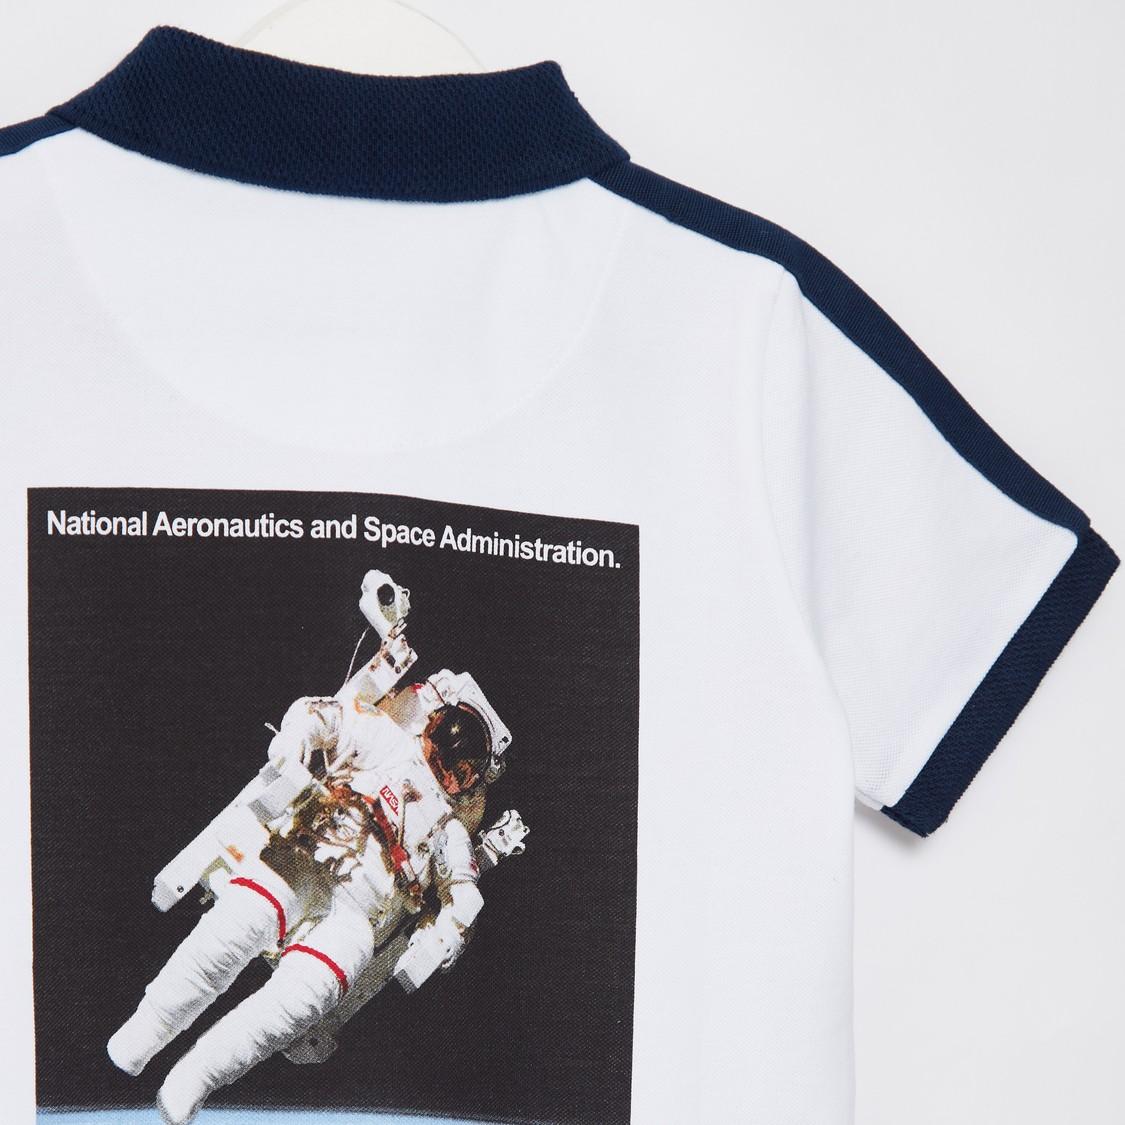 تيشيرت بولو بأكمام قصيرة وطبعات ناسا